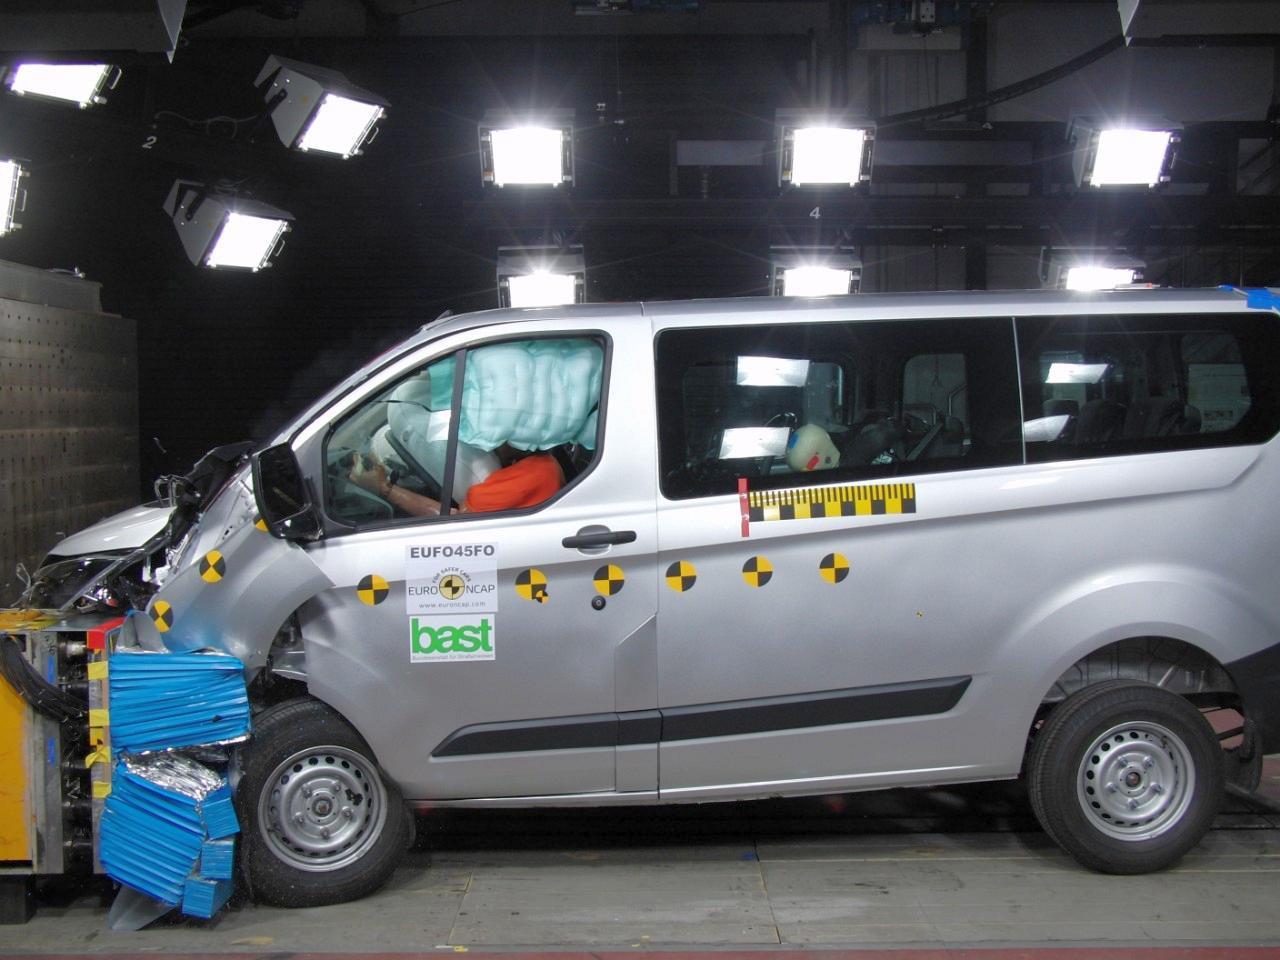 Ford TRANSIT CUSTOM - Das erste Nutzfahrzeug mit 5 Sternen im EURO NCAP Test